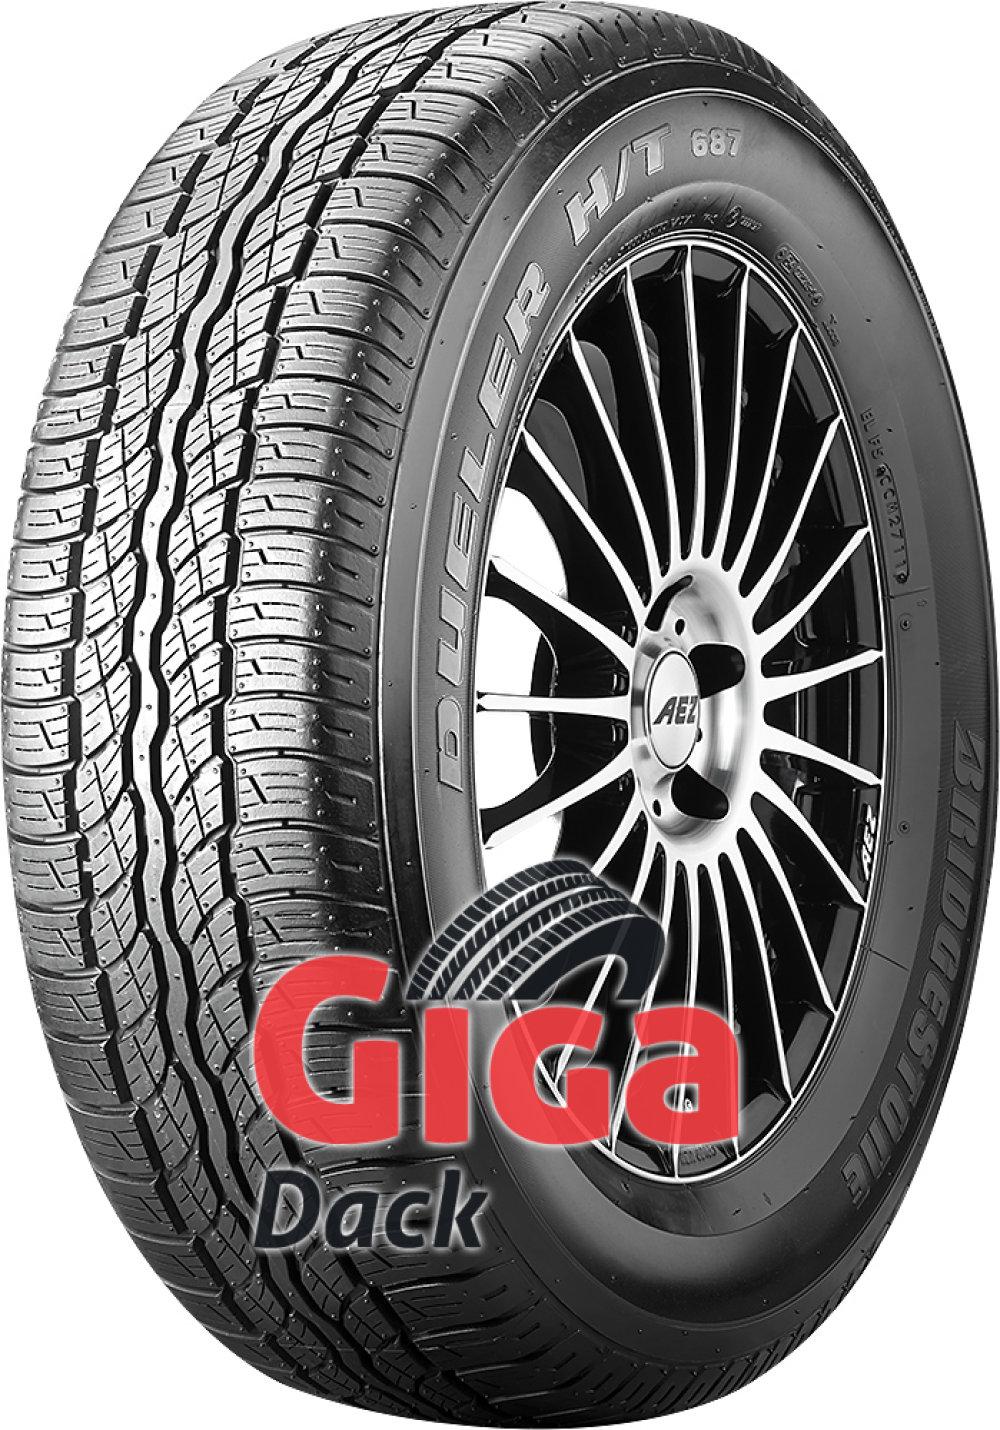 Bridgestone Dueler 687 H/T ( 225/70 R16 102T )